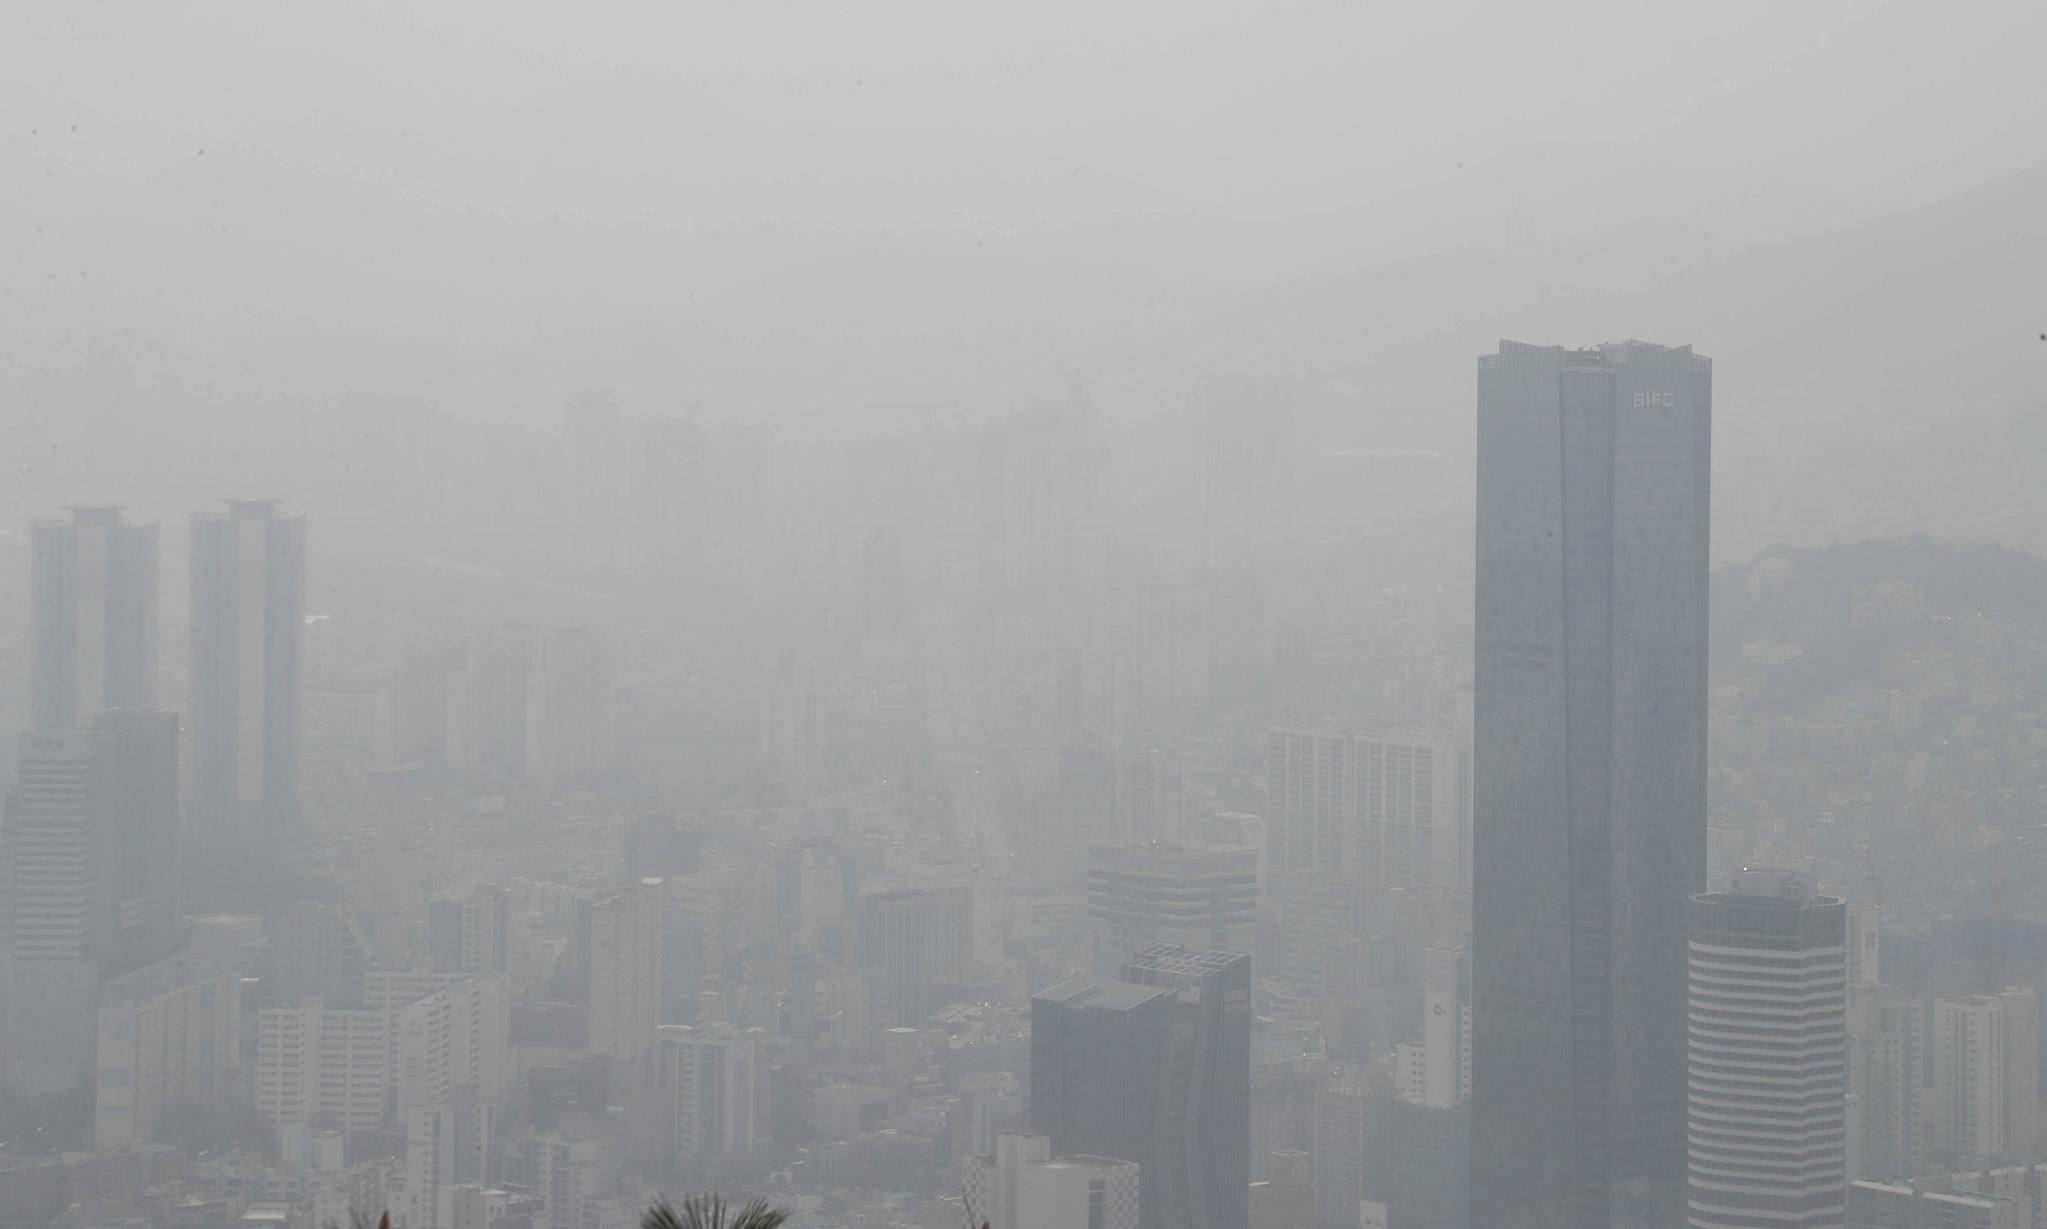 미세먼지가 기승을 부린 5일 오후 부산 황령산에서 바라본 부산국제금융센터 63층 건물 일대의 모습. 부산은 미세먼지와 초미세먼지 농도가 나쁨 수준이다. 연합뉴스